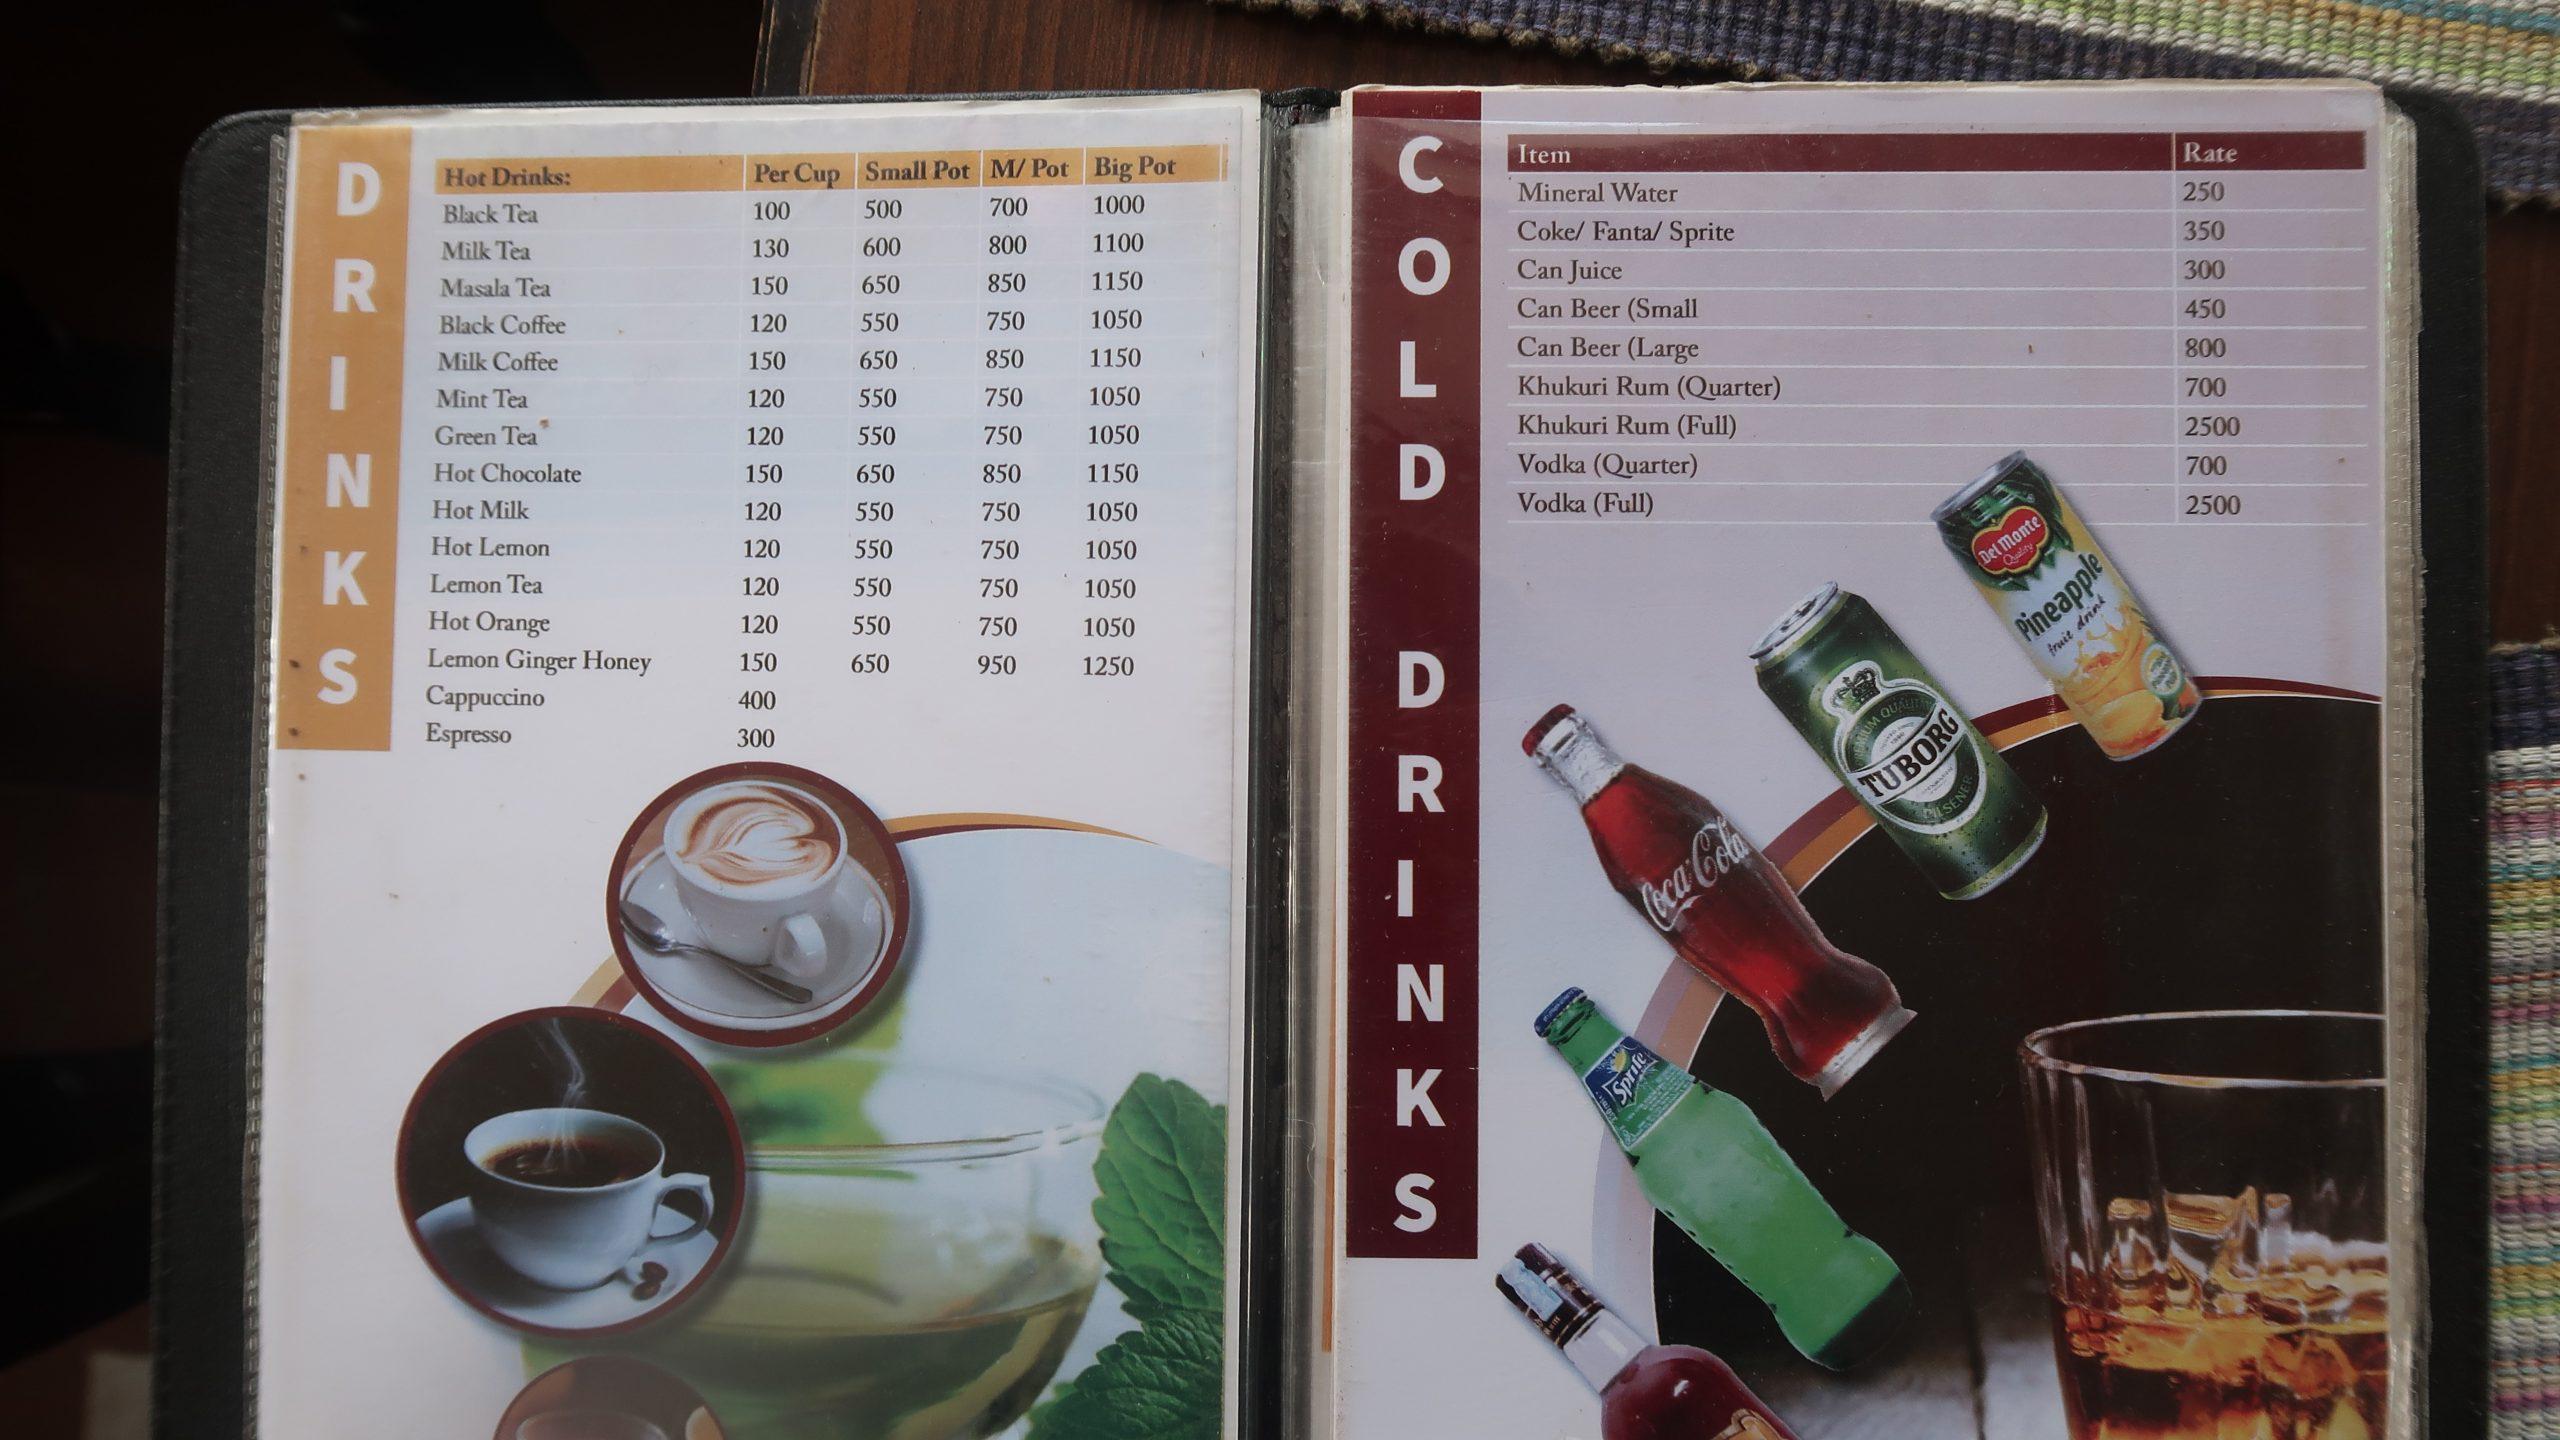 Sample Beverage menu for reference